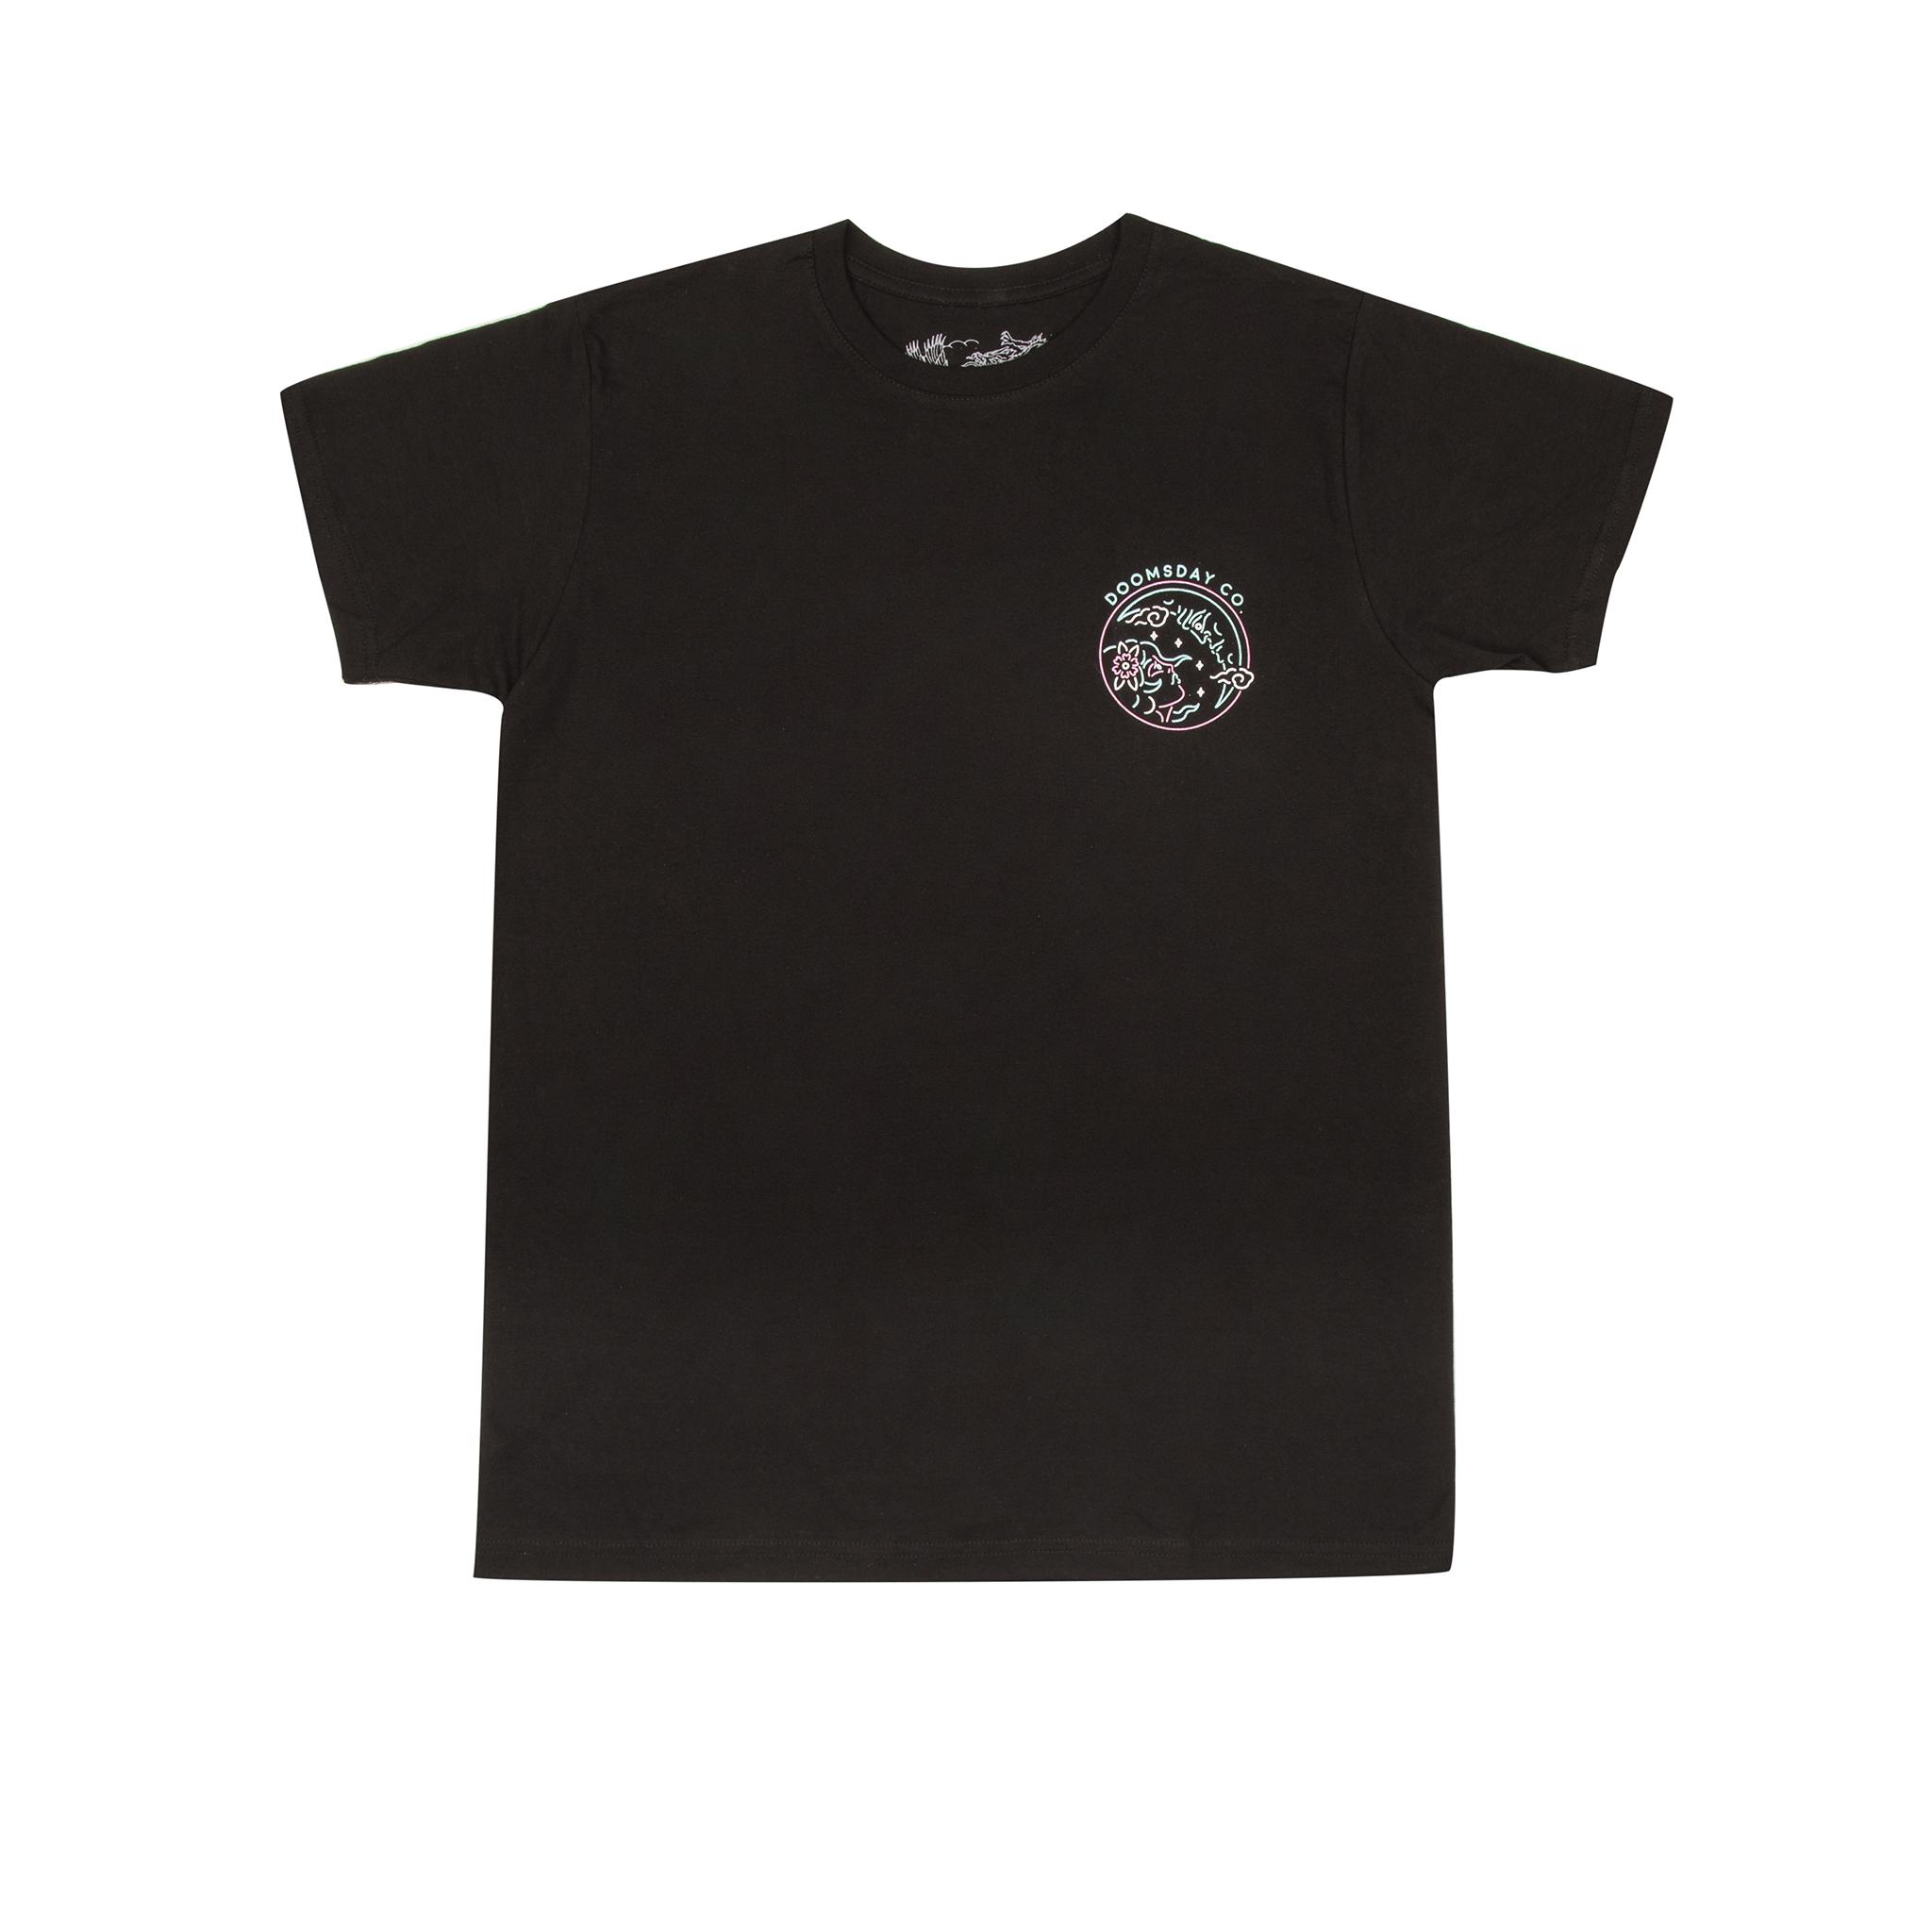 t-shirt 12 front.jpg